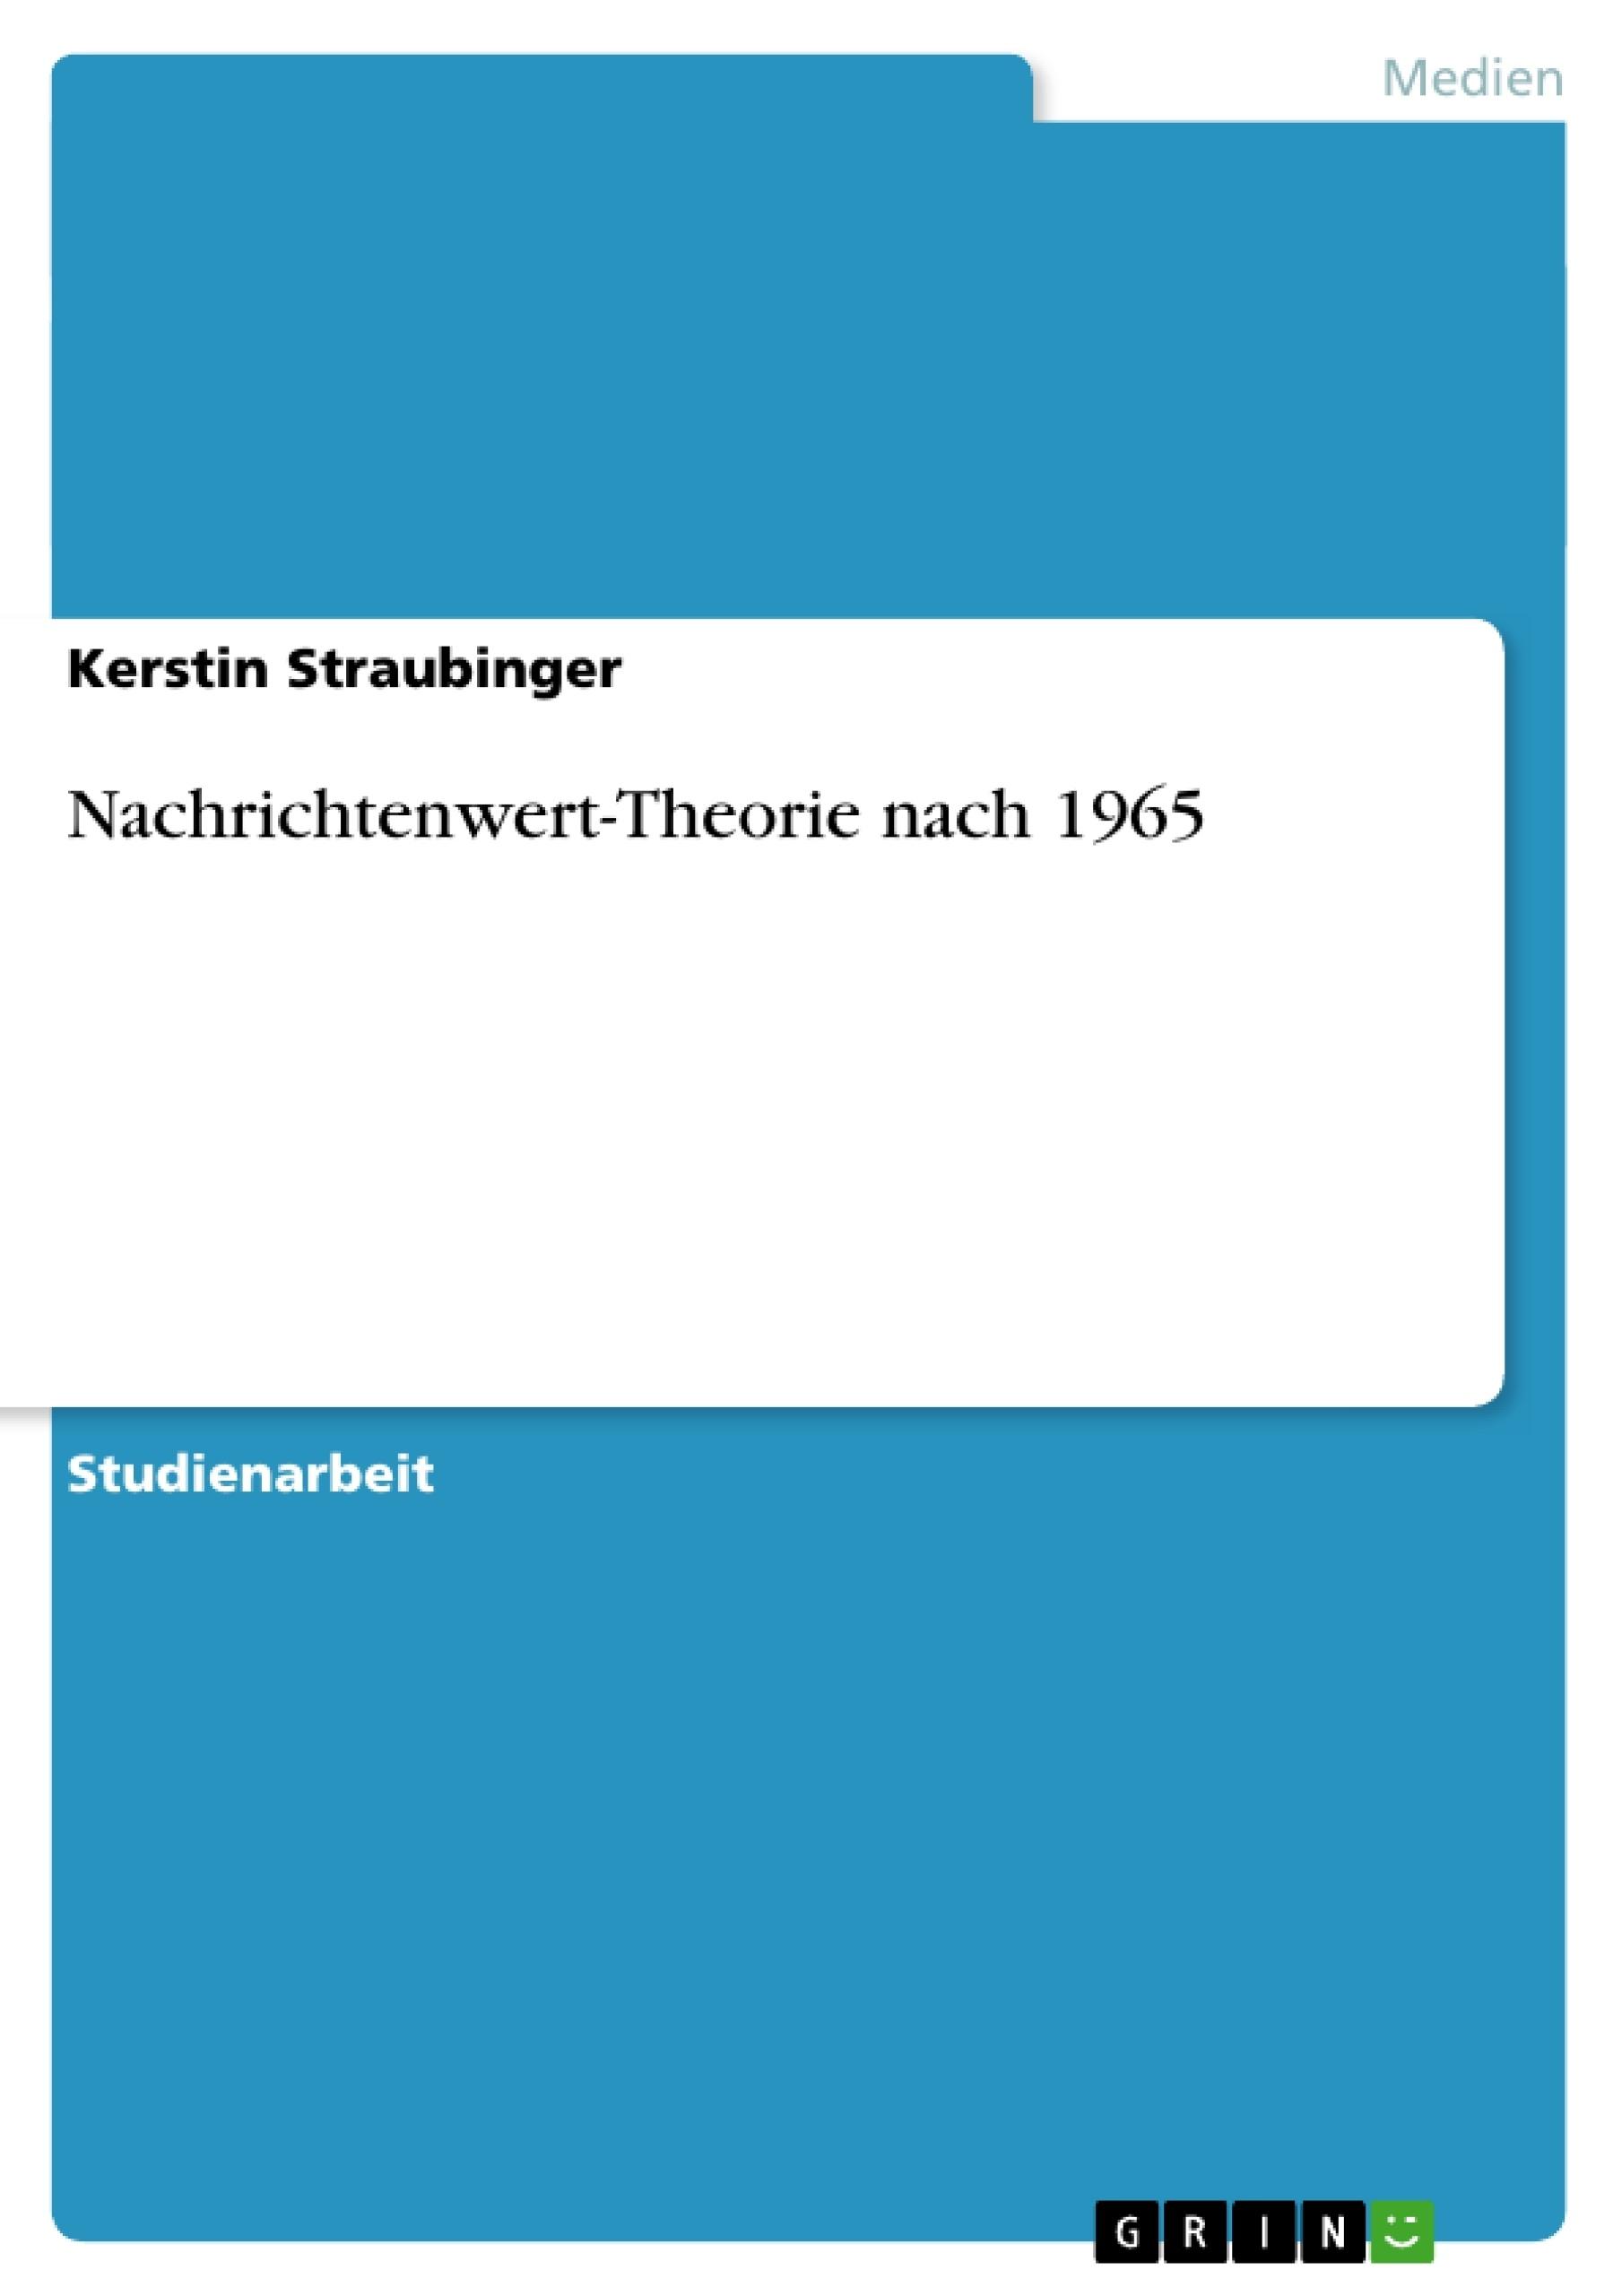 Titel: Nachrichtenwert-Theorie nach 1965